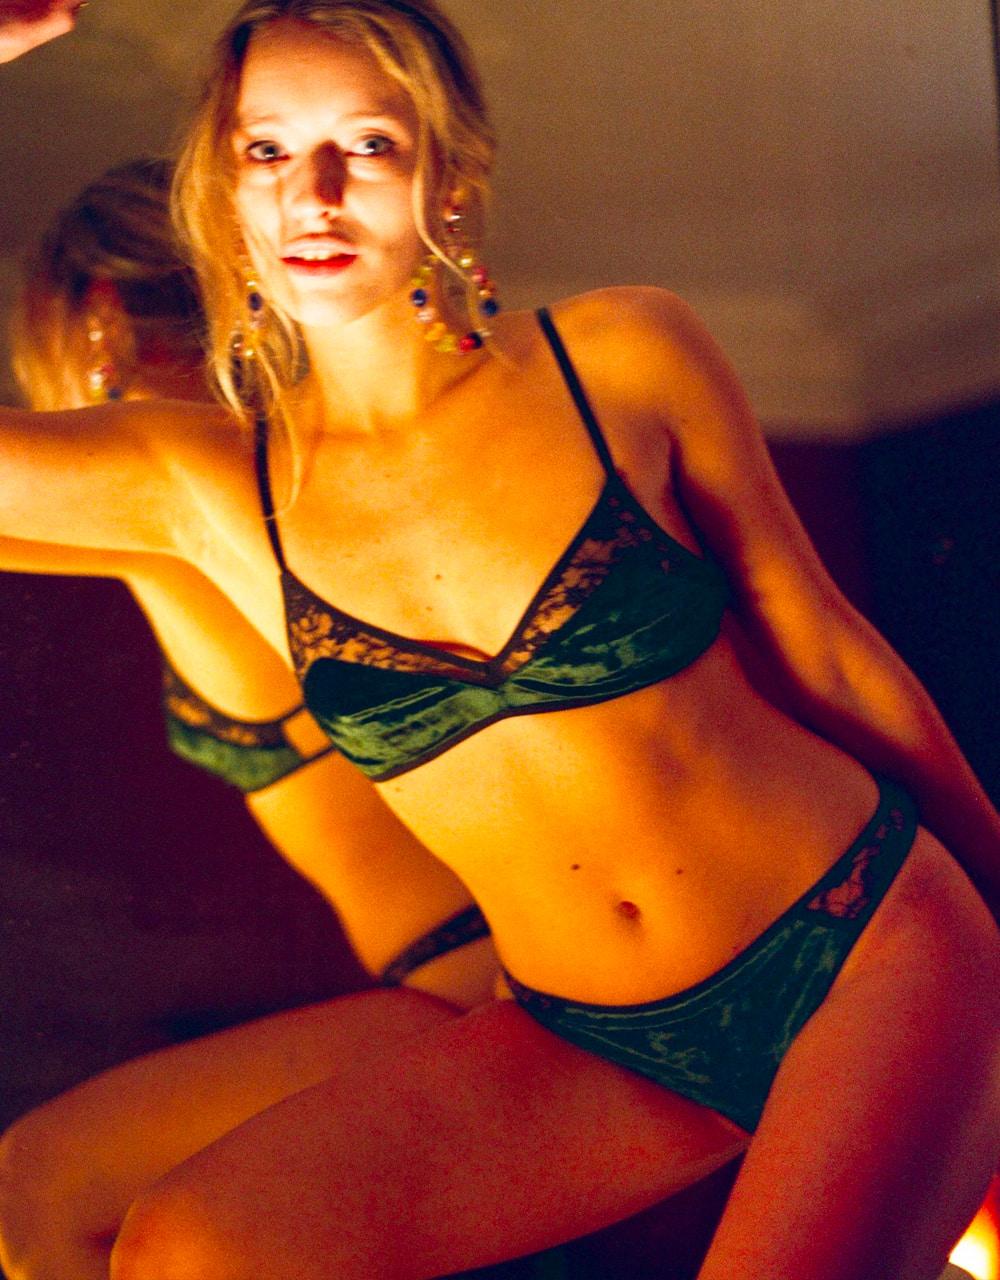 lingerie tanga Very Velvet Green Queen 20 € Girls In Paris photo 4